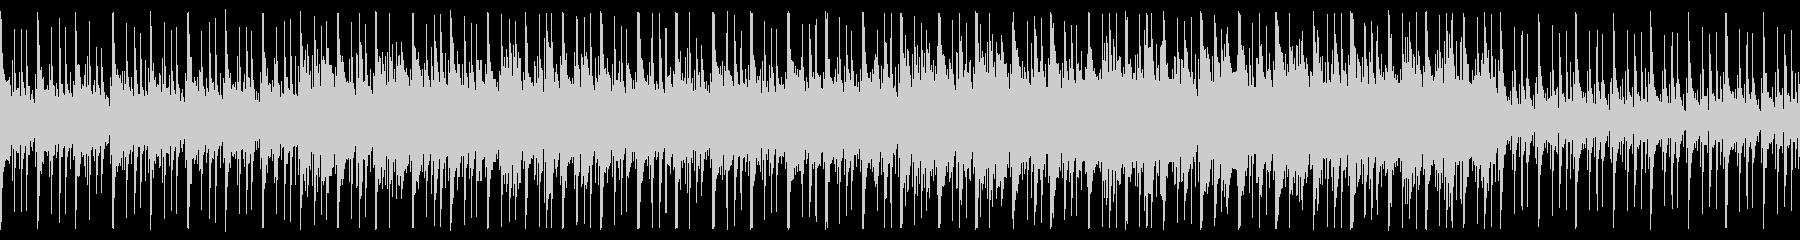 和×JAZZのゆったりループBGMの未再生の波形